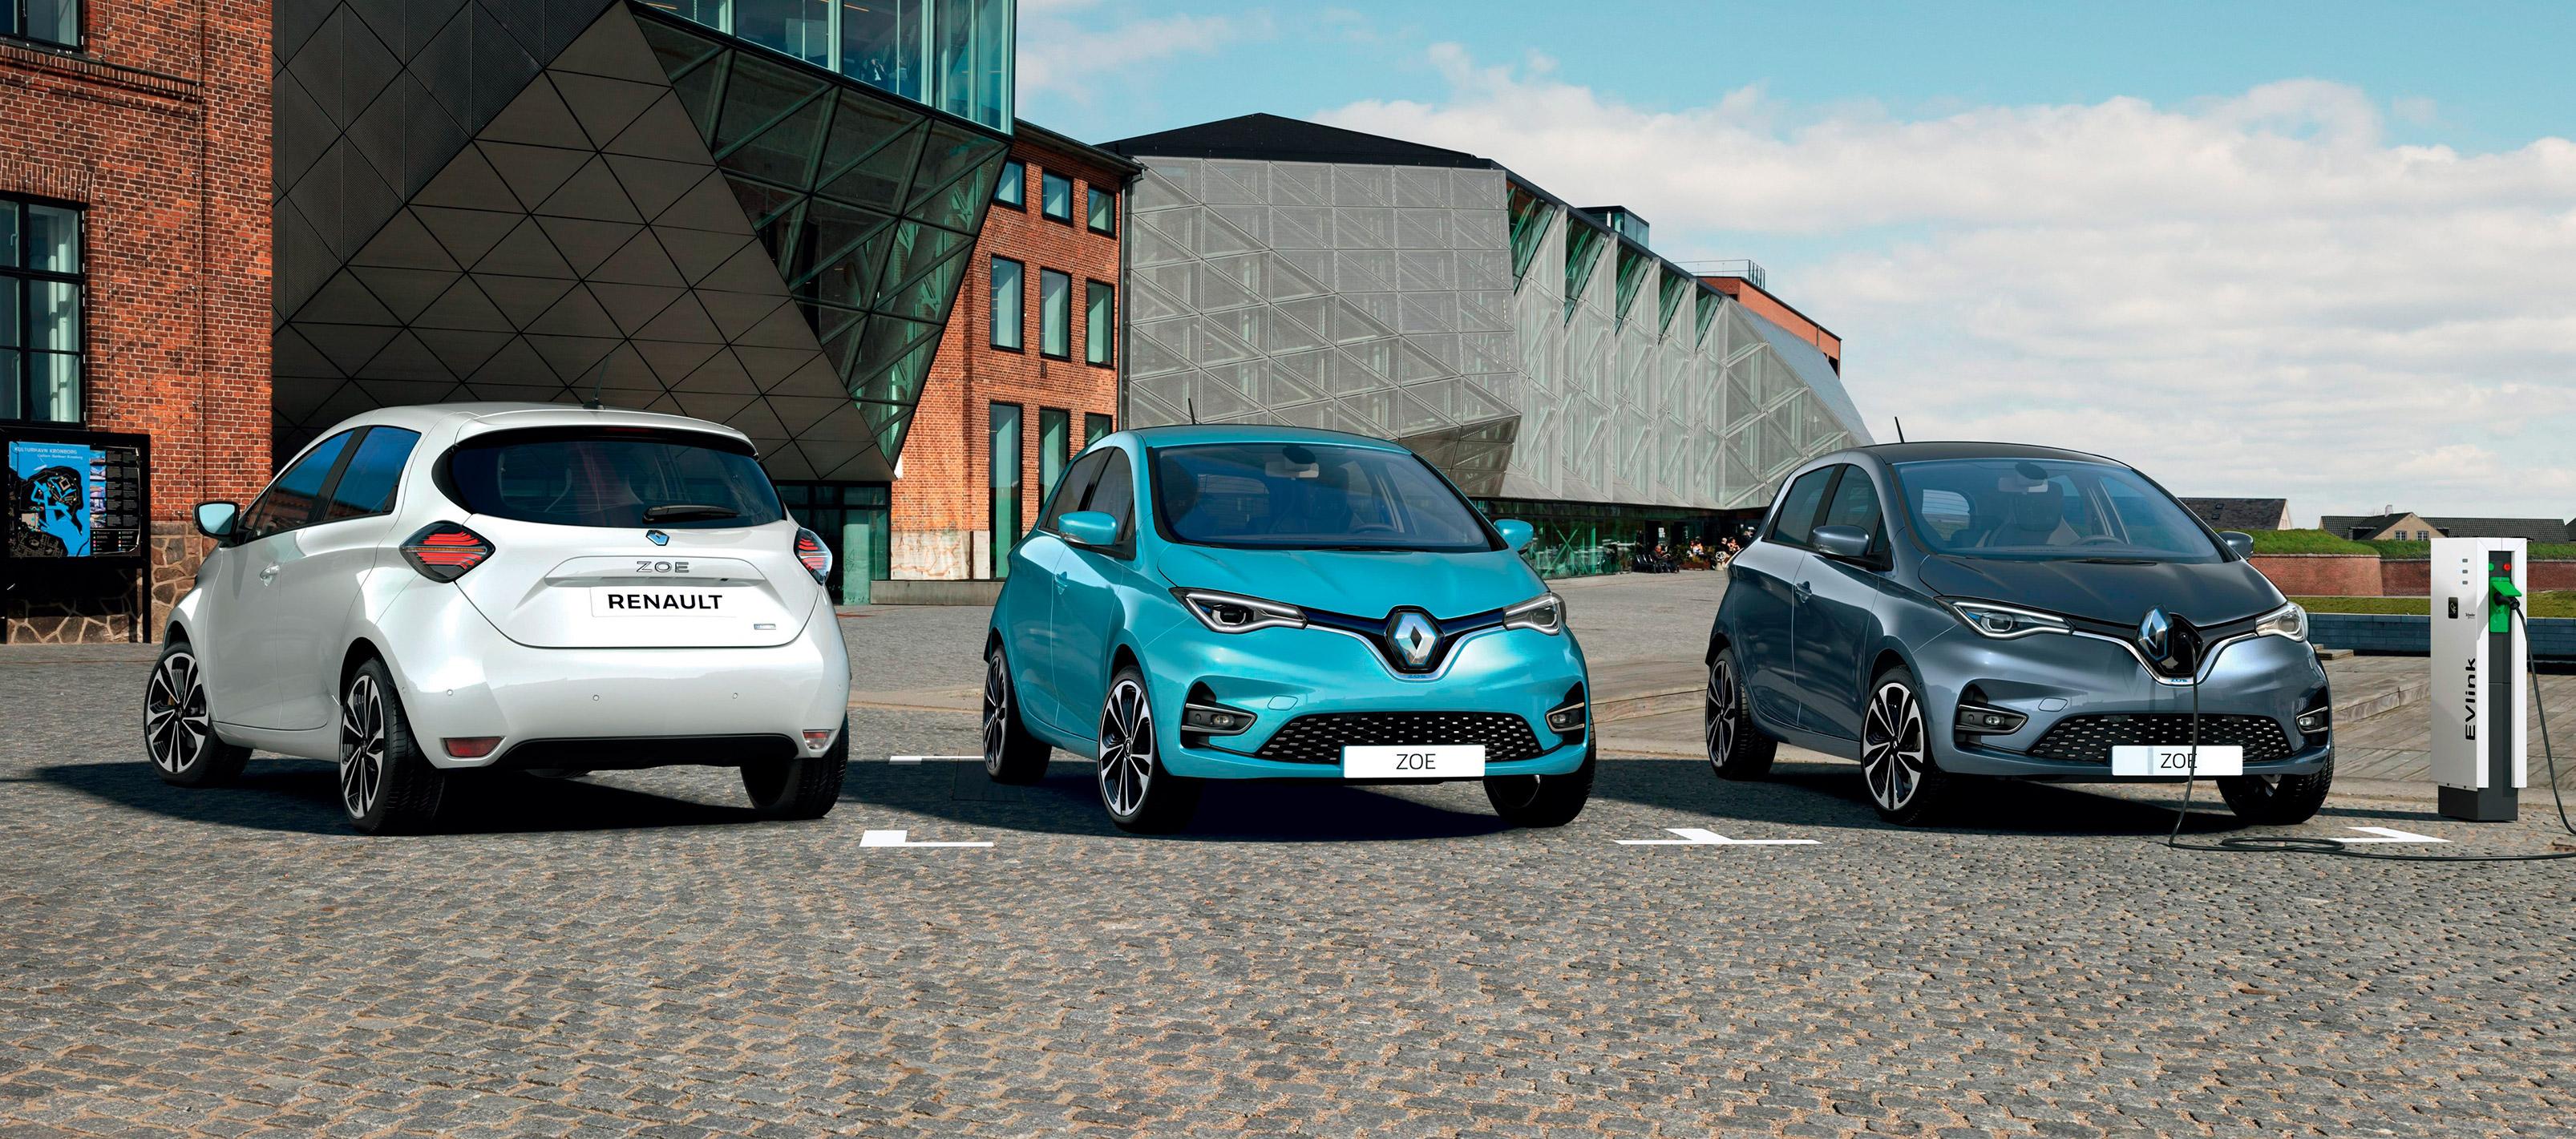 Renault líder del mercado de vehículos 100% eléctricos en España